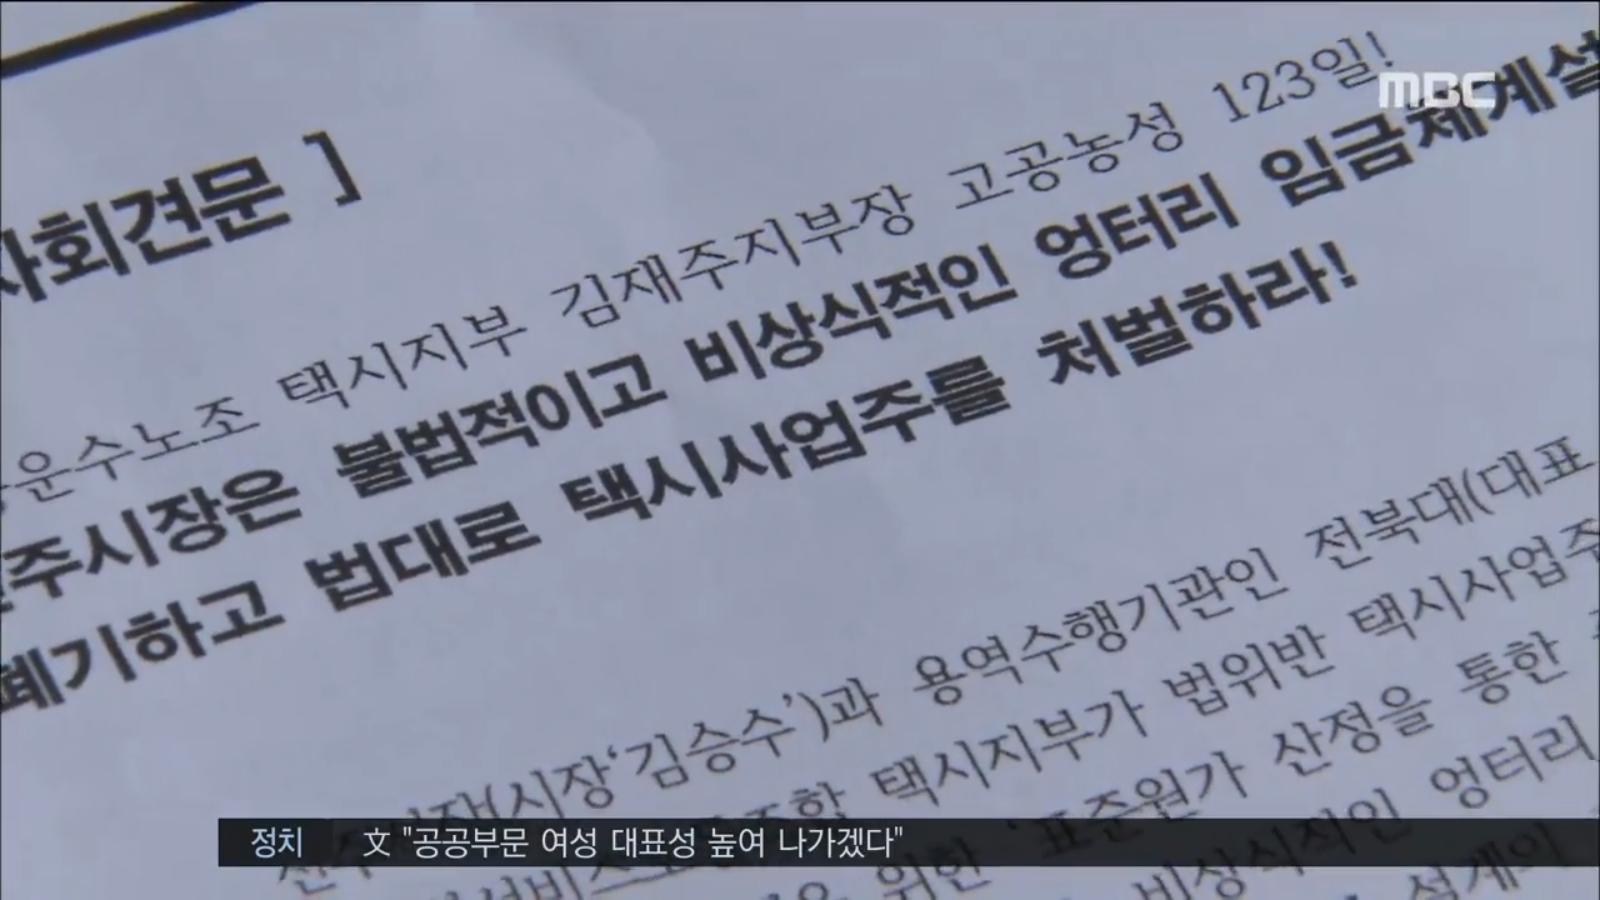 [18.1.5 전주MBC] 김승수 전주시장은, 엉터리 용역안 폐기하고 법대로 법인택시사업주 처벌하라!3.jpg